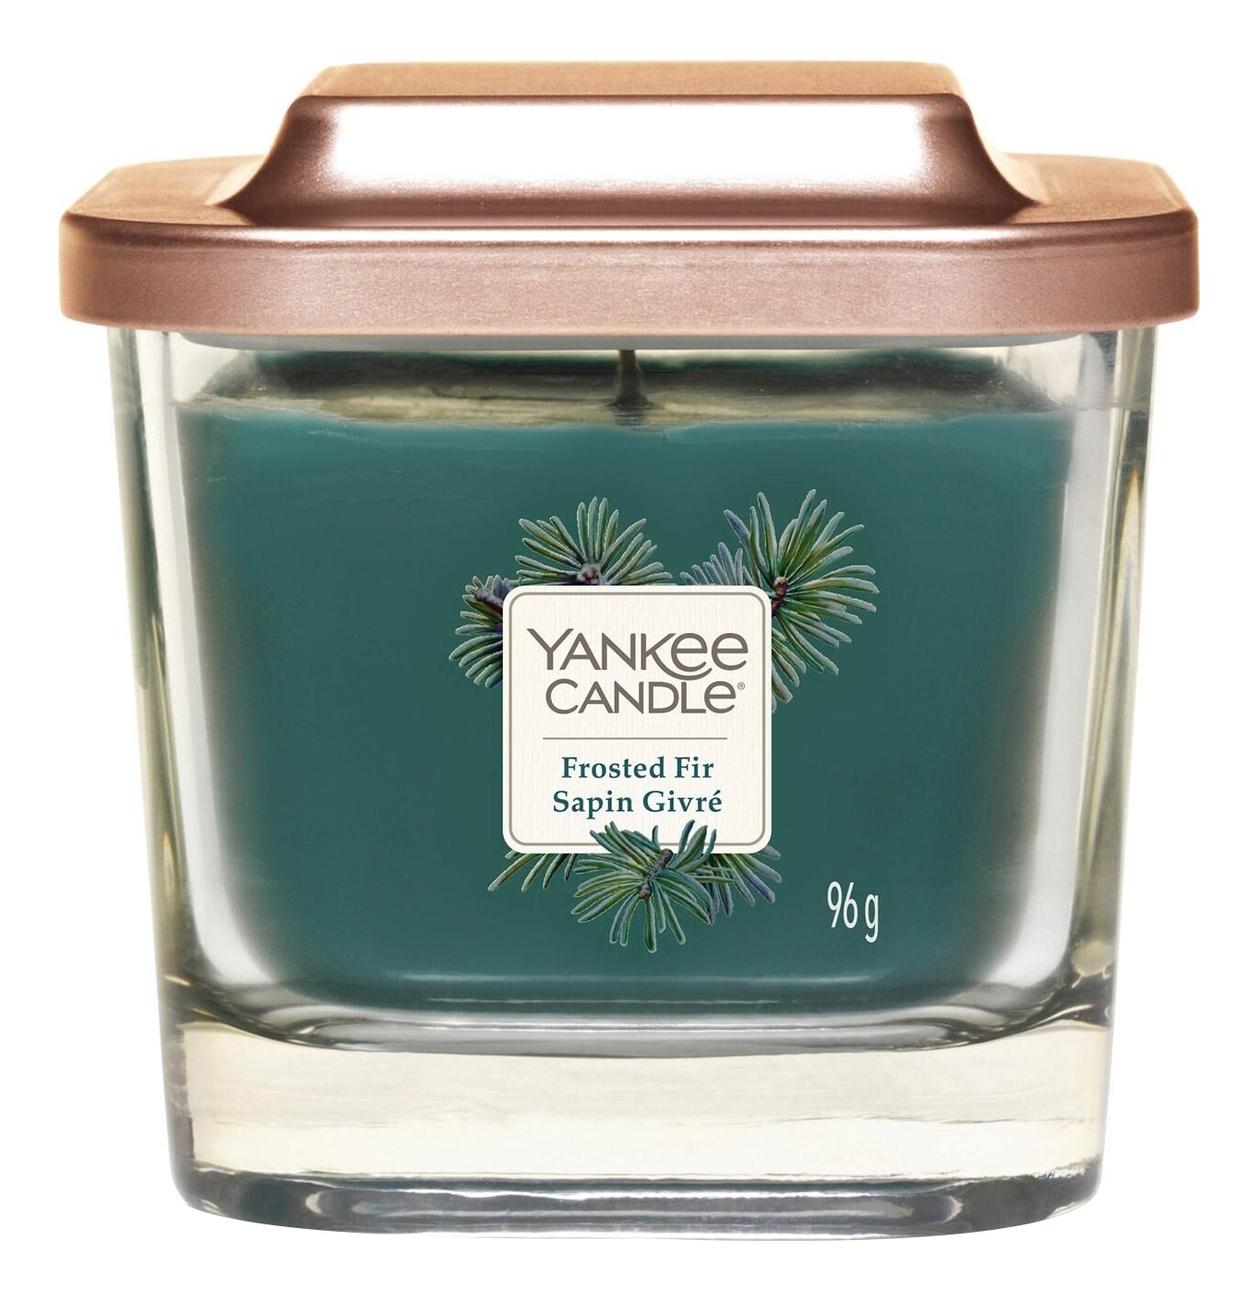 Купить Ароматическая свеча Frosted Fir: Свеча 96г, Yankee Candle